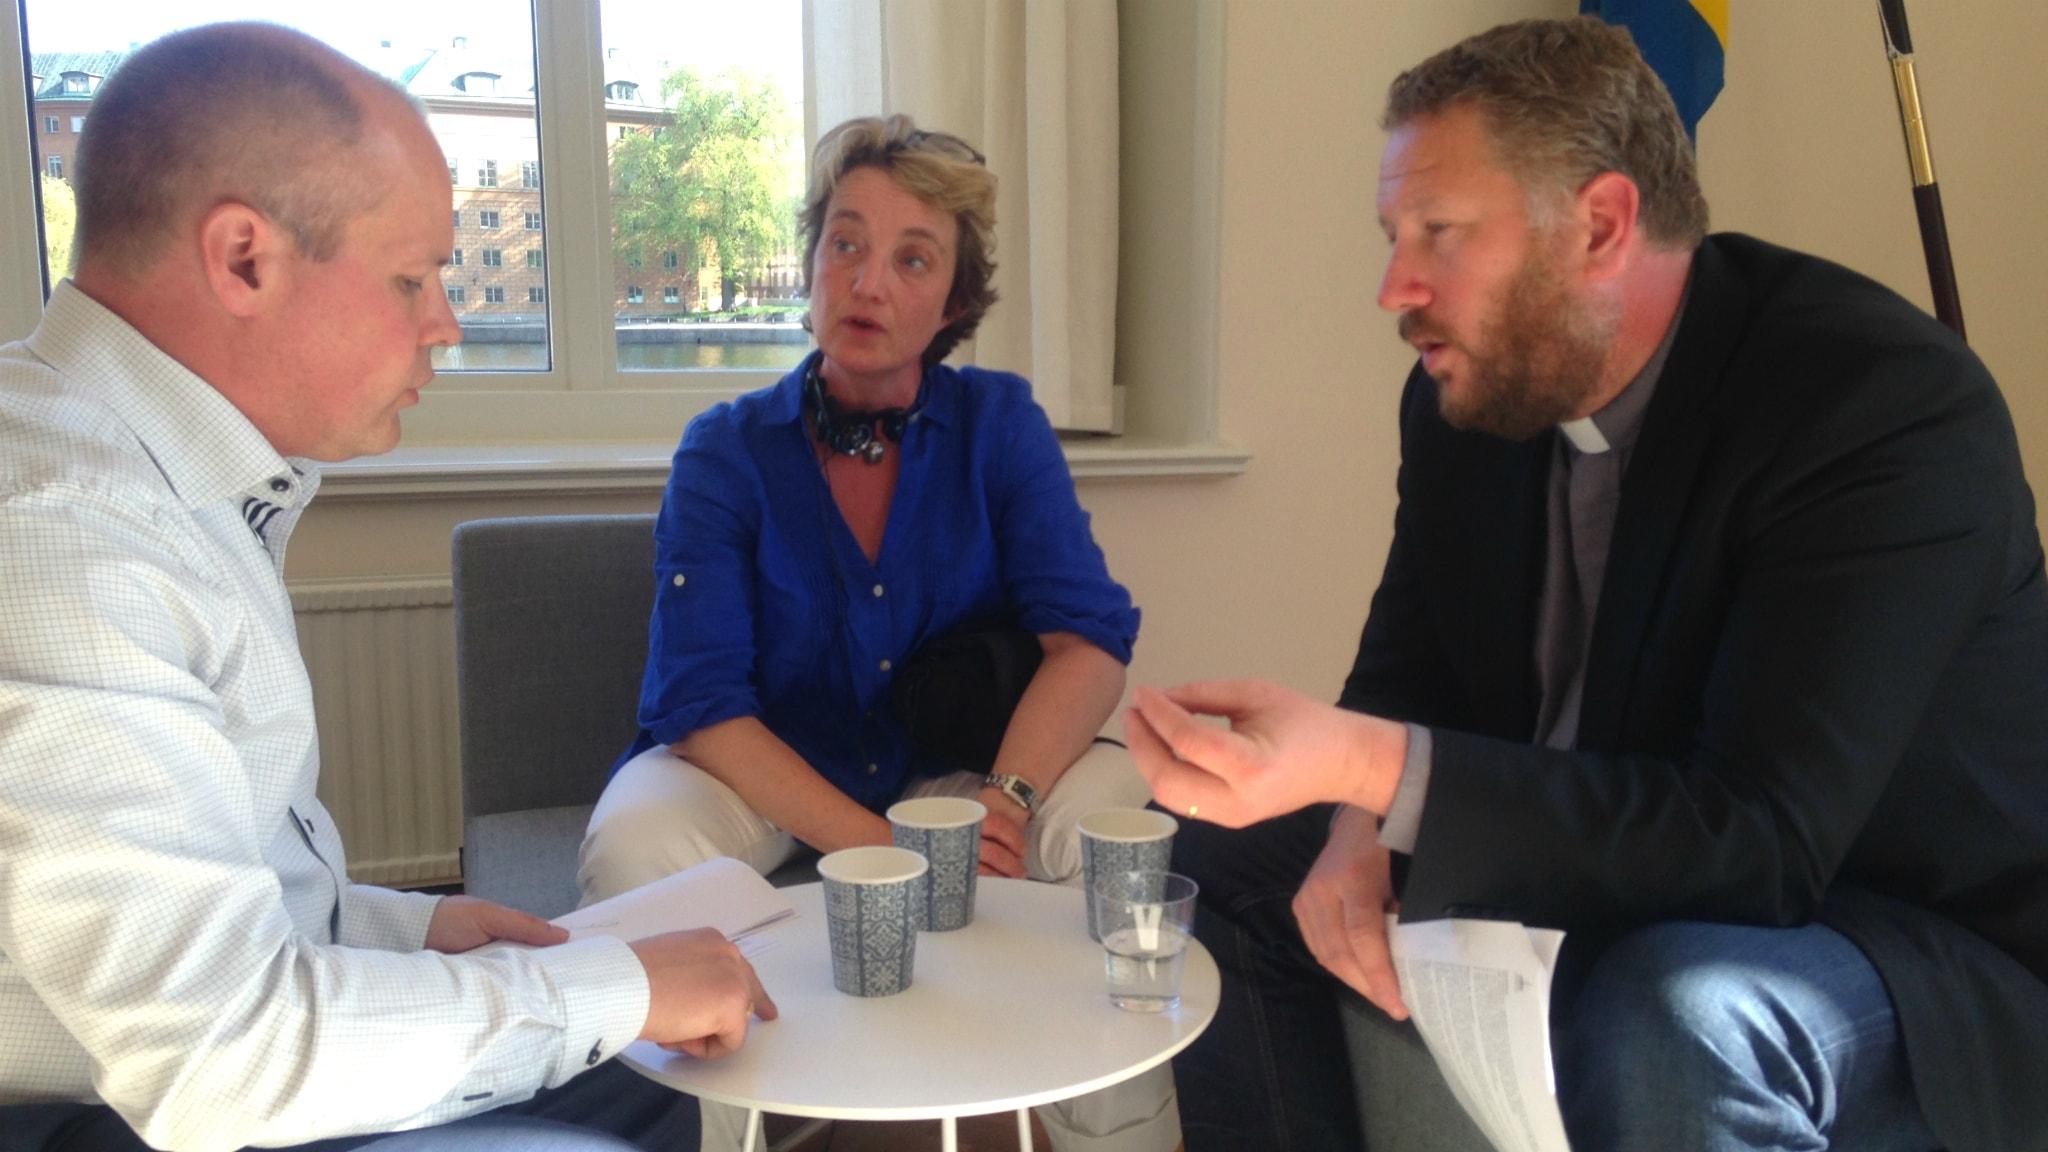 Migrationsminister Morgan Johansson, Åsa Furuhagen och Lasse Svensson från Equmeniakyrkan i intensivt samtal.